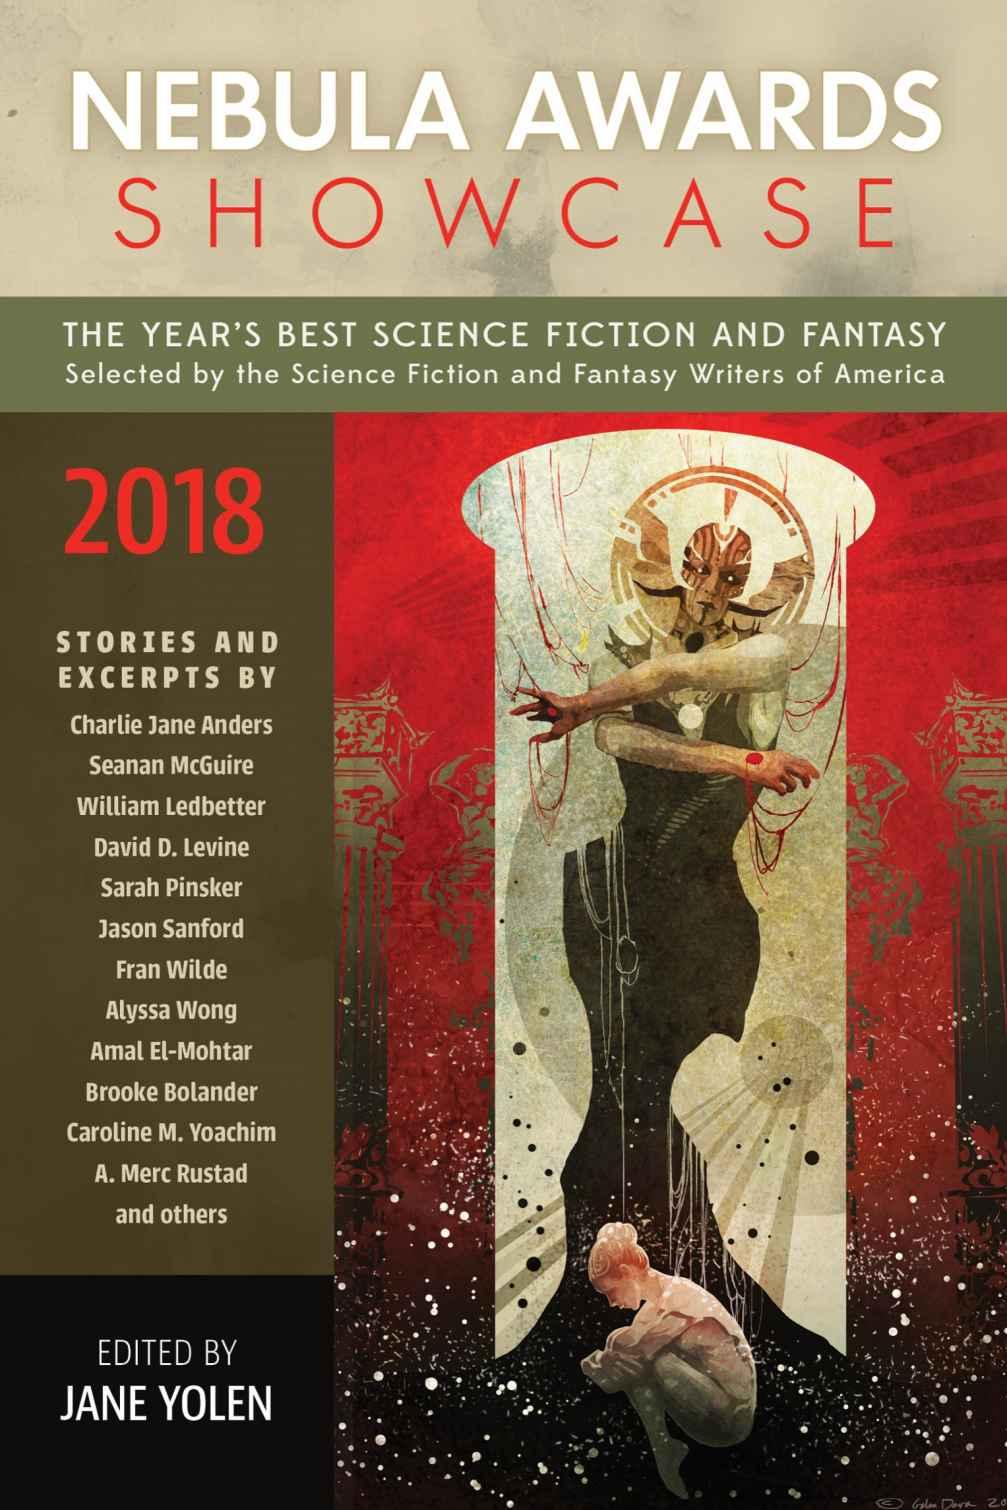 2018 Nebula Awards® Showcase now available - The Nebula Awards®